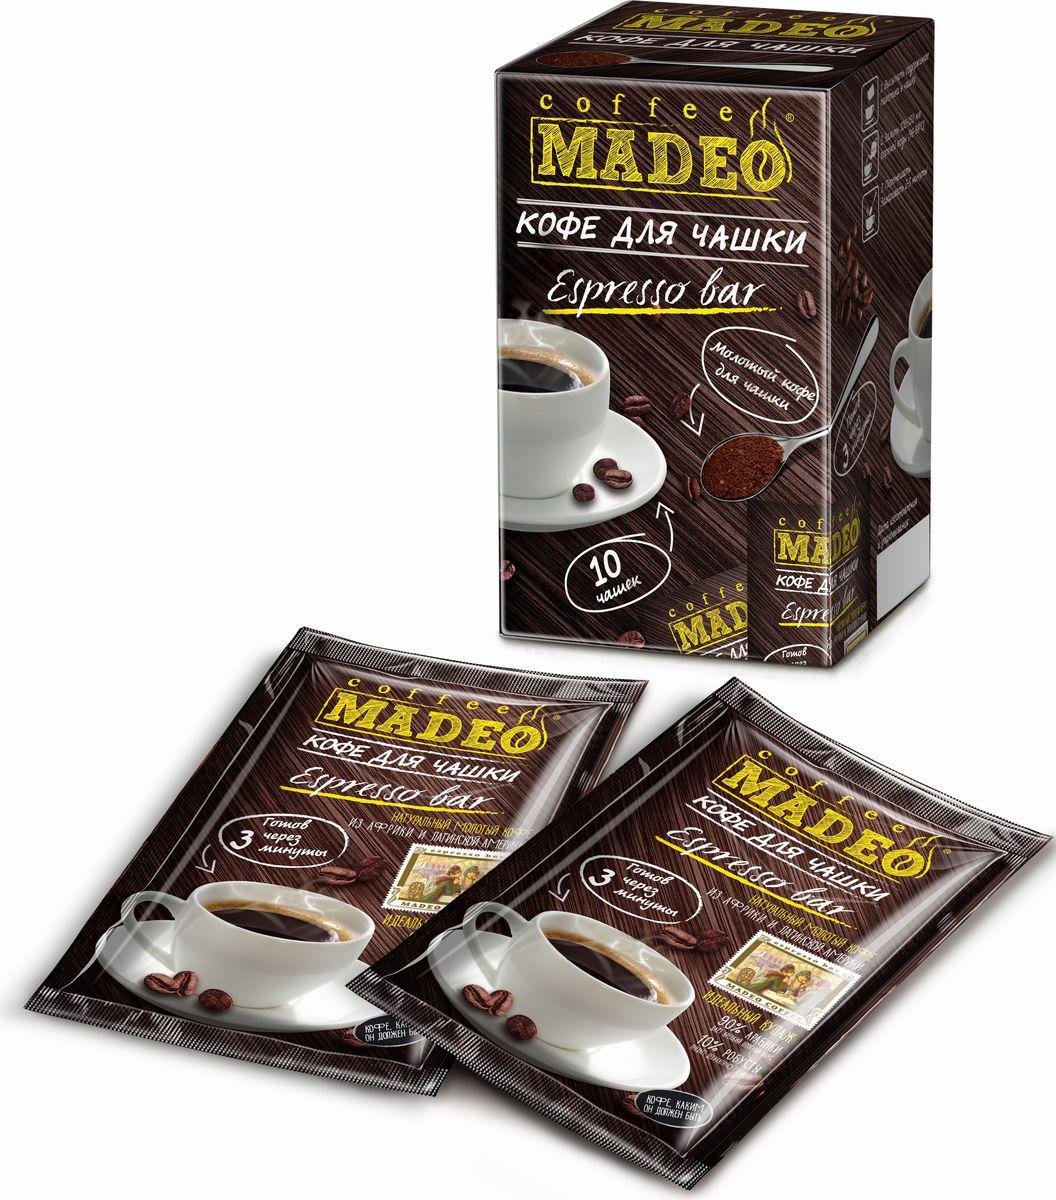 Madeo Espresso Bar кофе молотый, 10 г, 10 шт